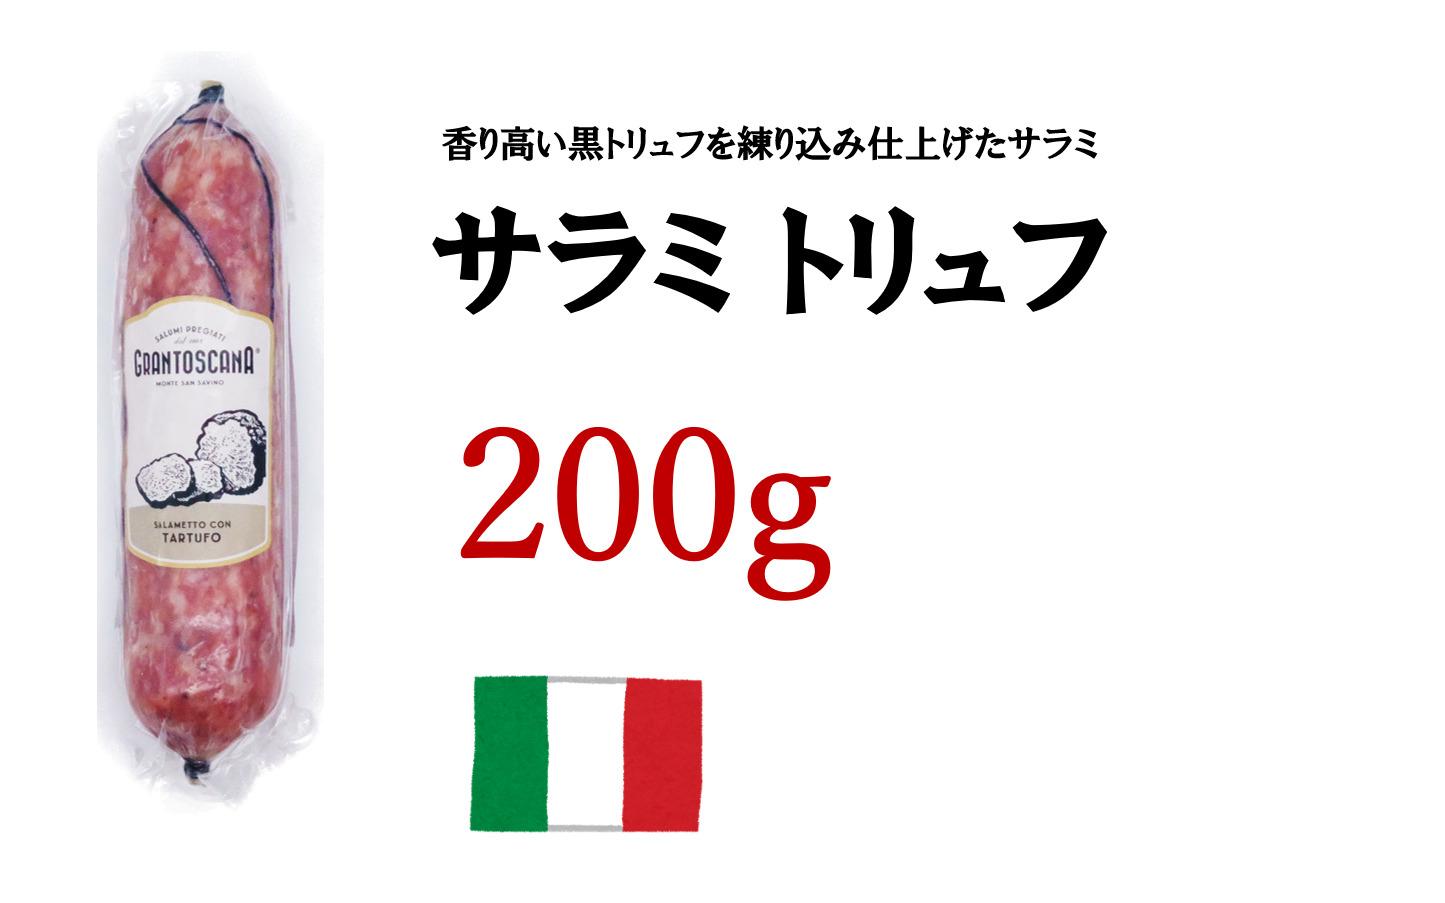 サラミ トリュフ 200g 肉 豚 メーカー再生品 ディスカウント ワイン おつまみ 食材 チーズ 熟成 イタリア ギフト